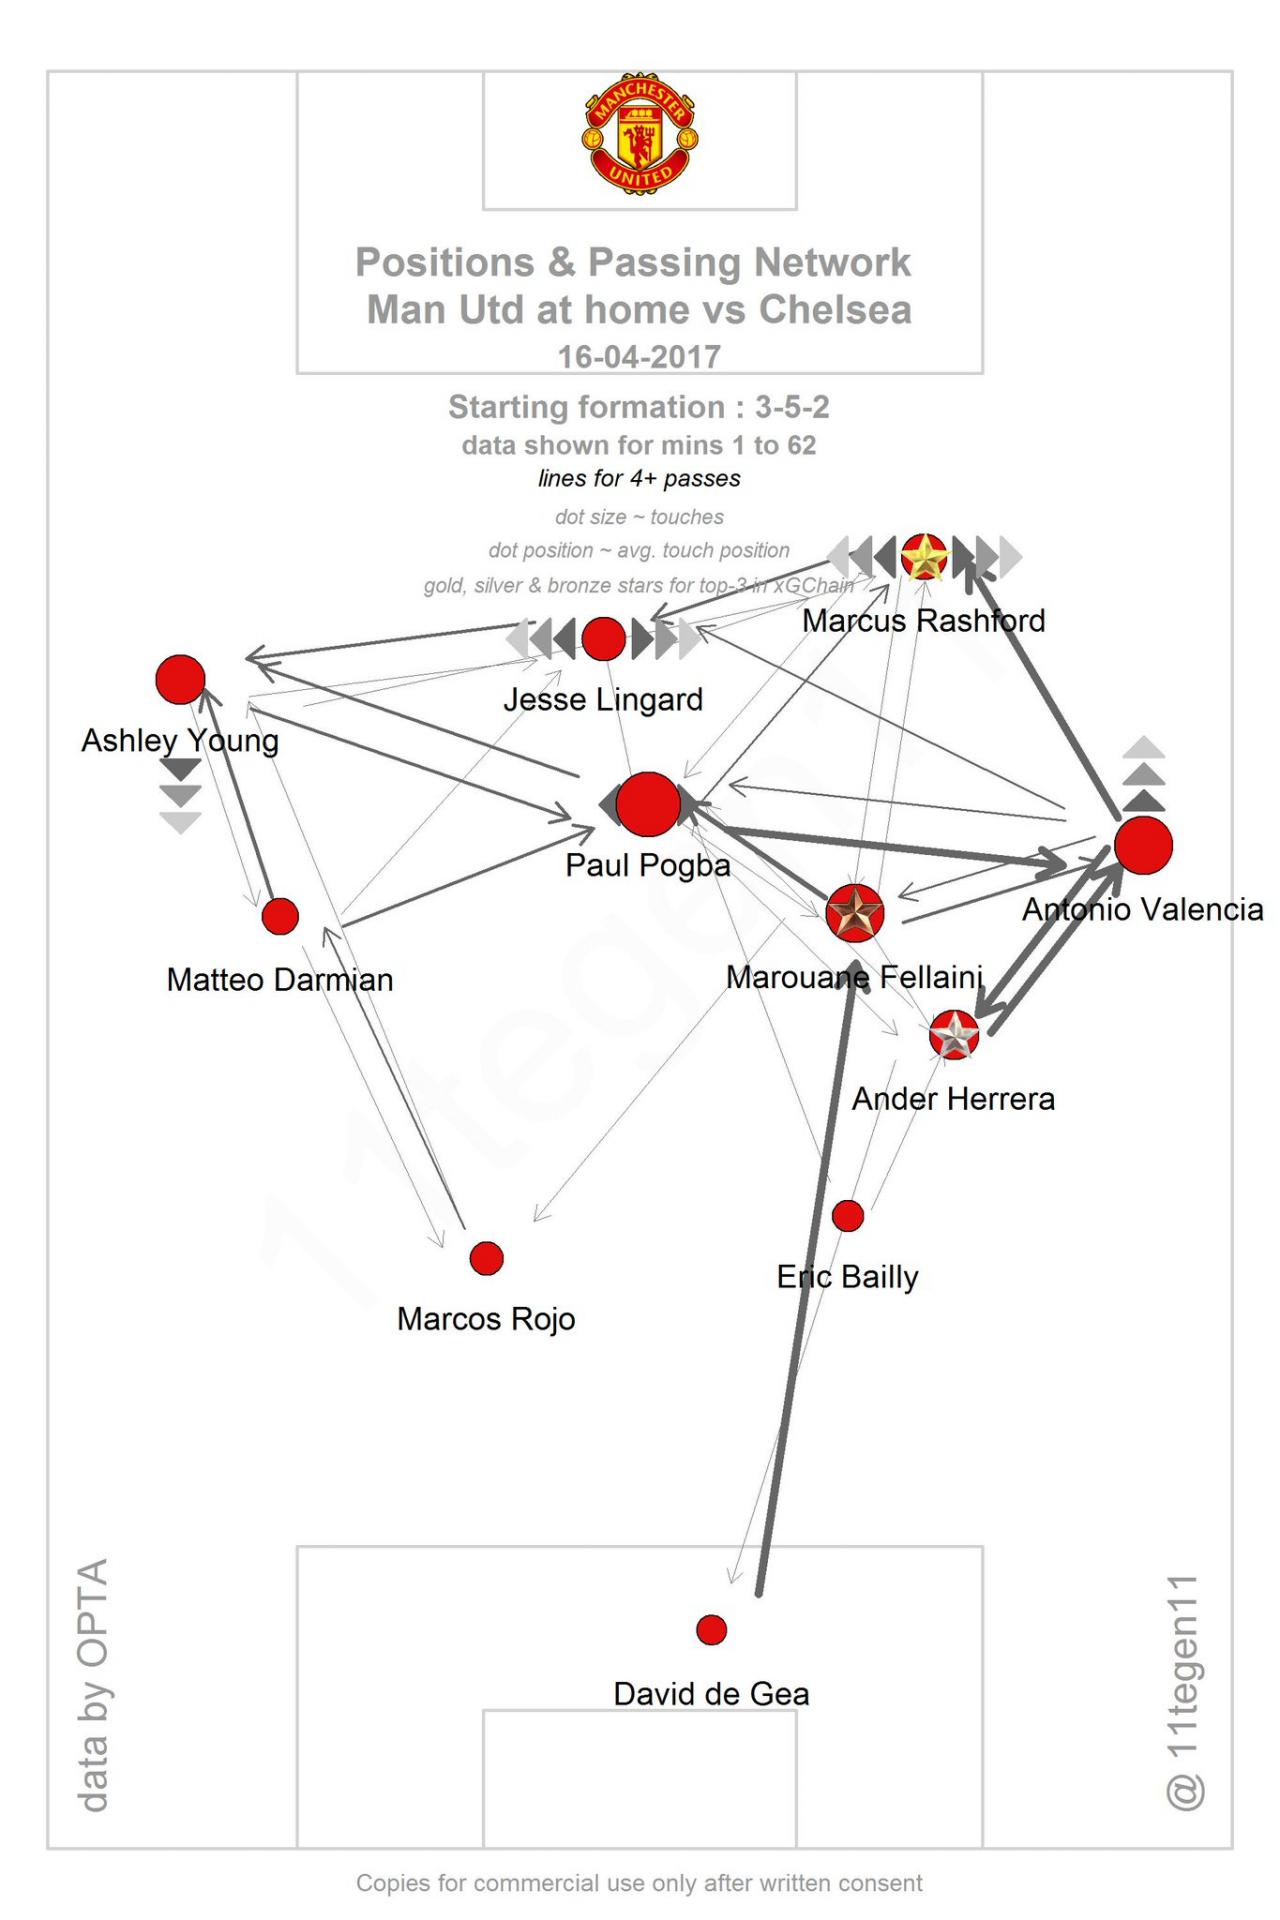 Усреднённые позиции игроков и сетка пасов в матче против «Челси»